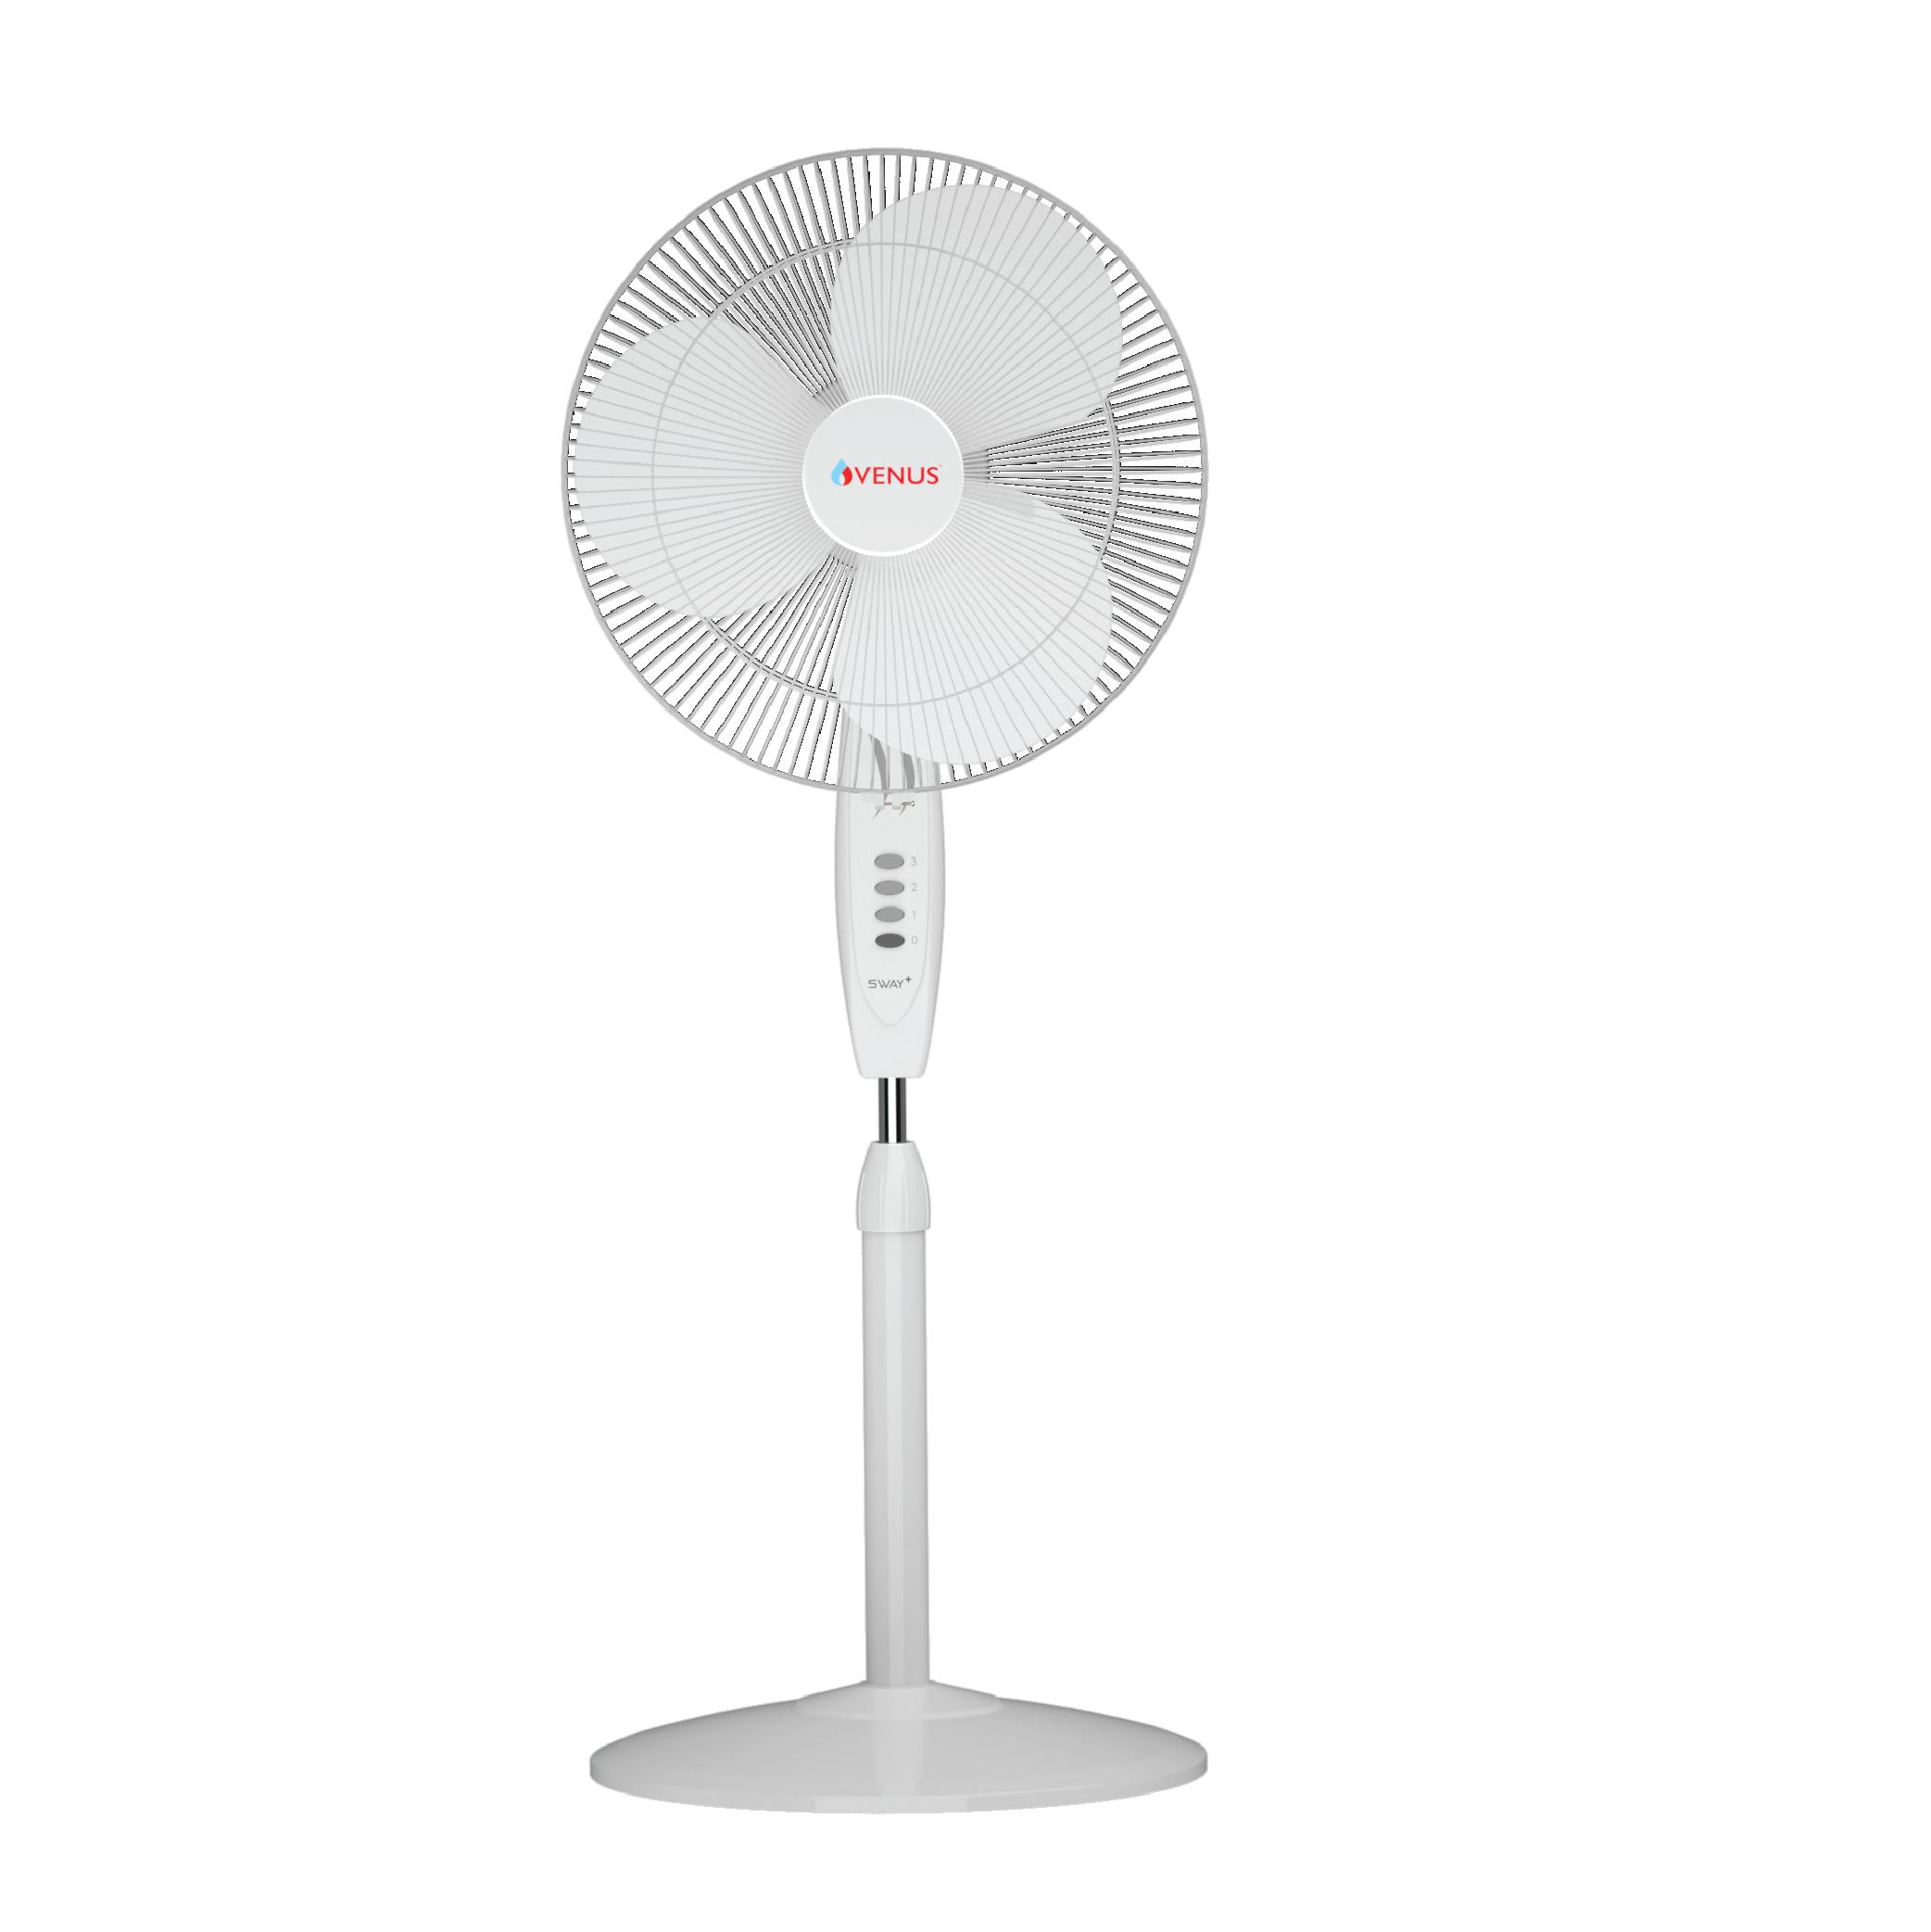 Sway Plus Pedestal Fan